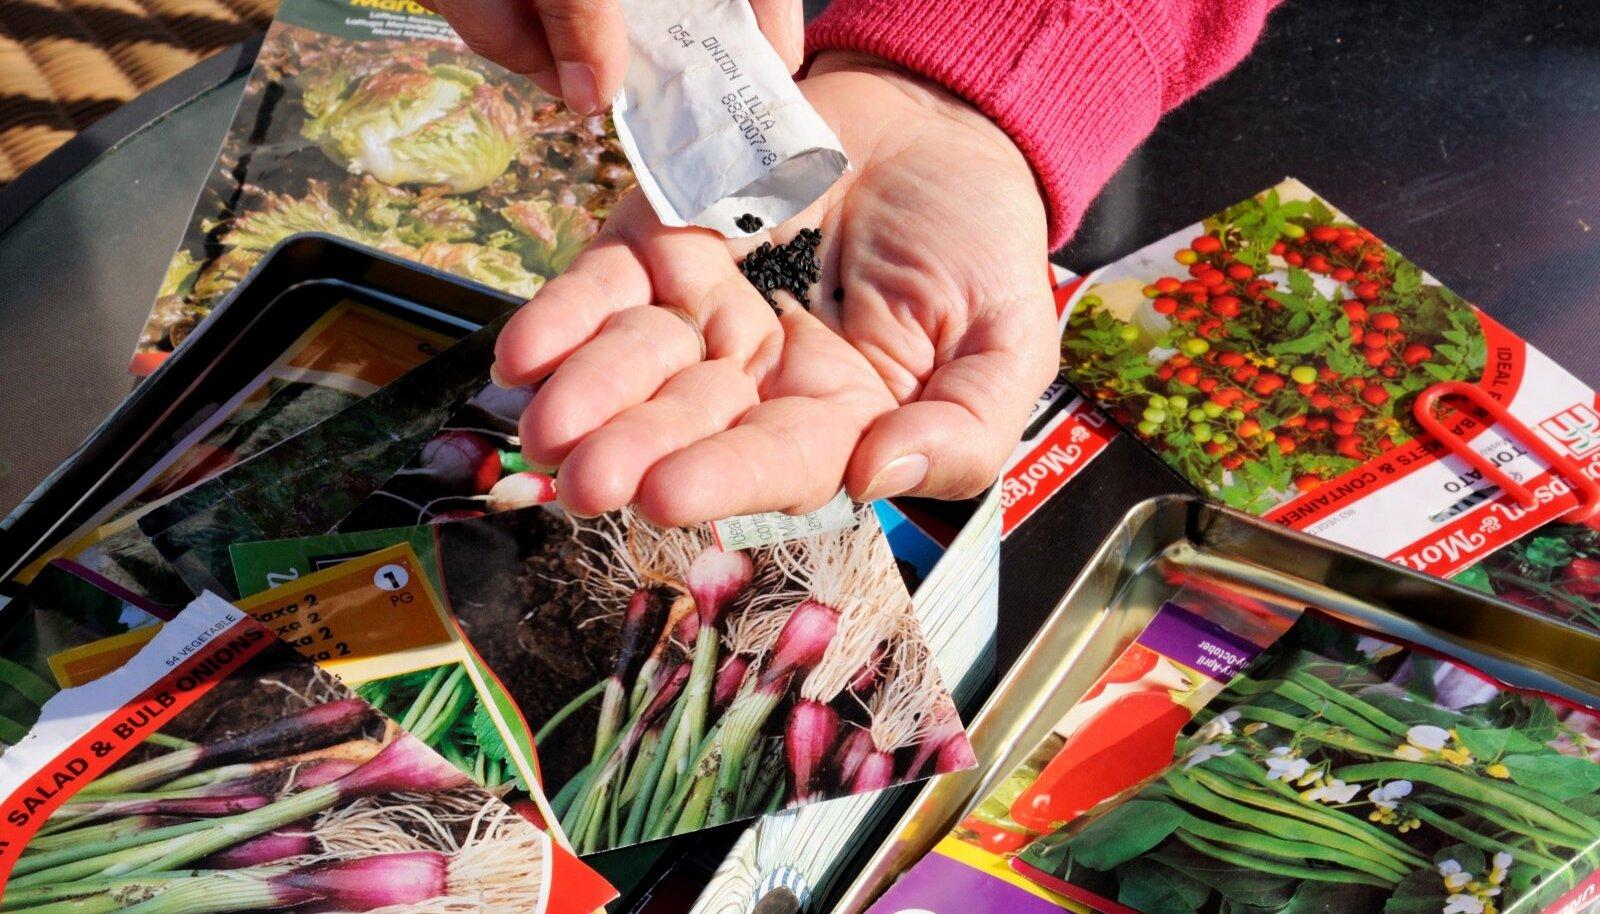 Korrastatud seemnevarud aitavad vältida asjatut aja ja raha raiskamist.